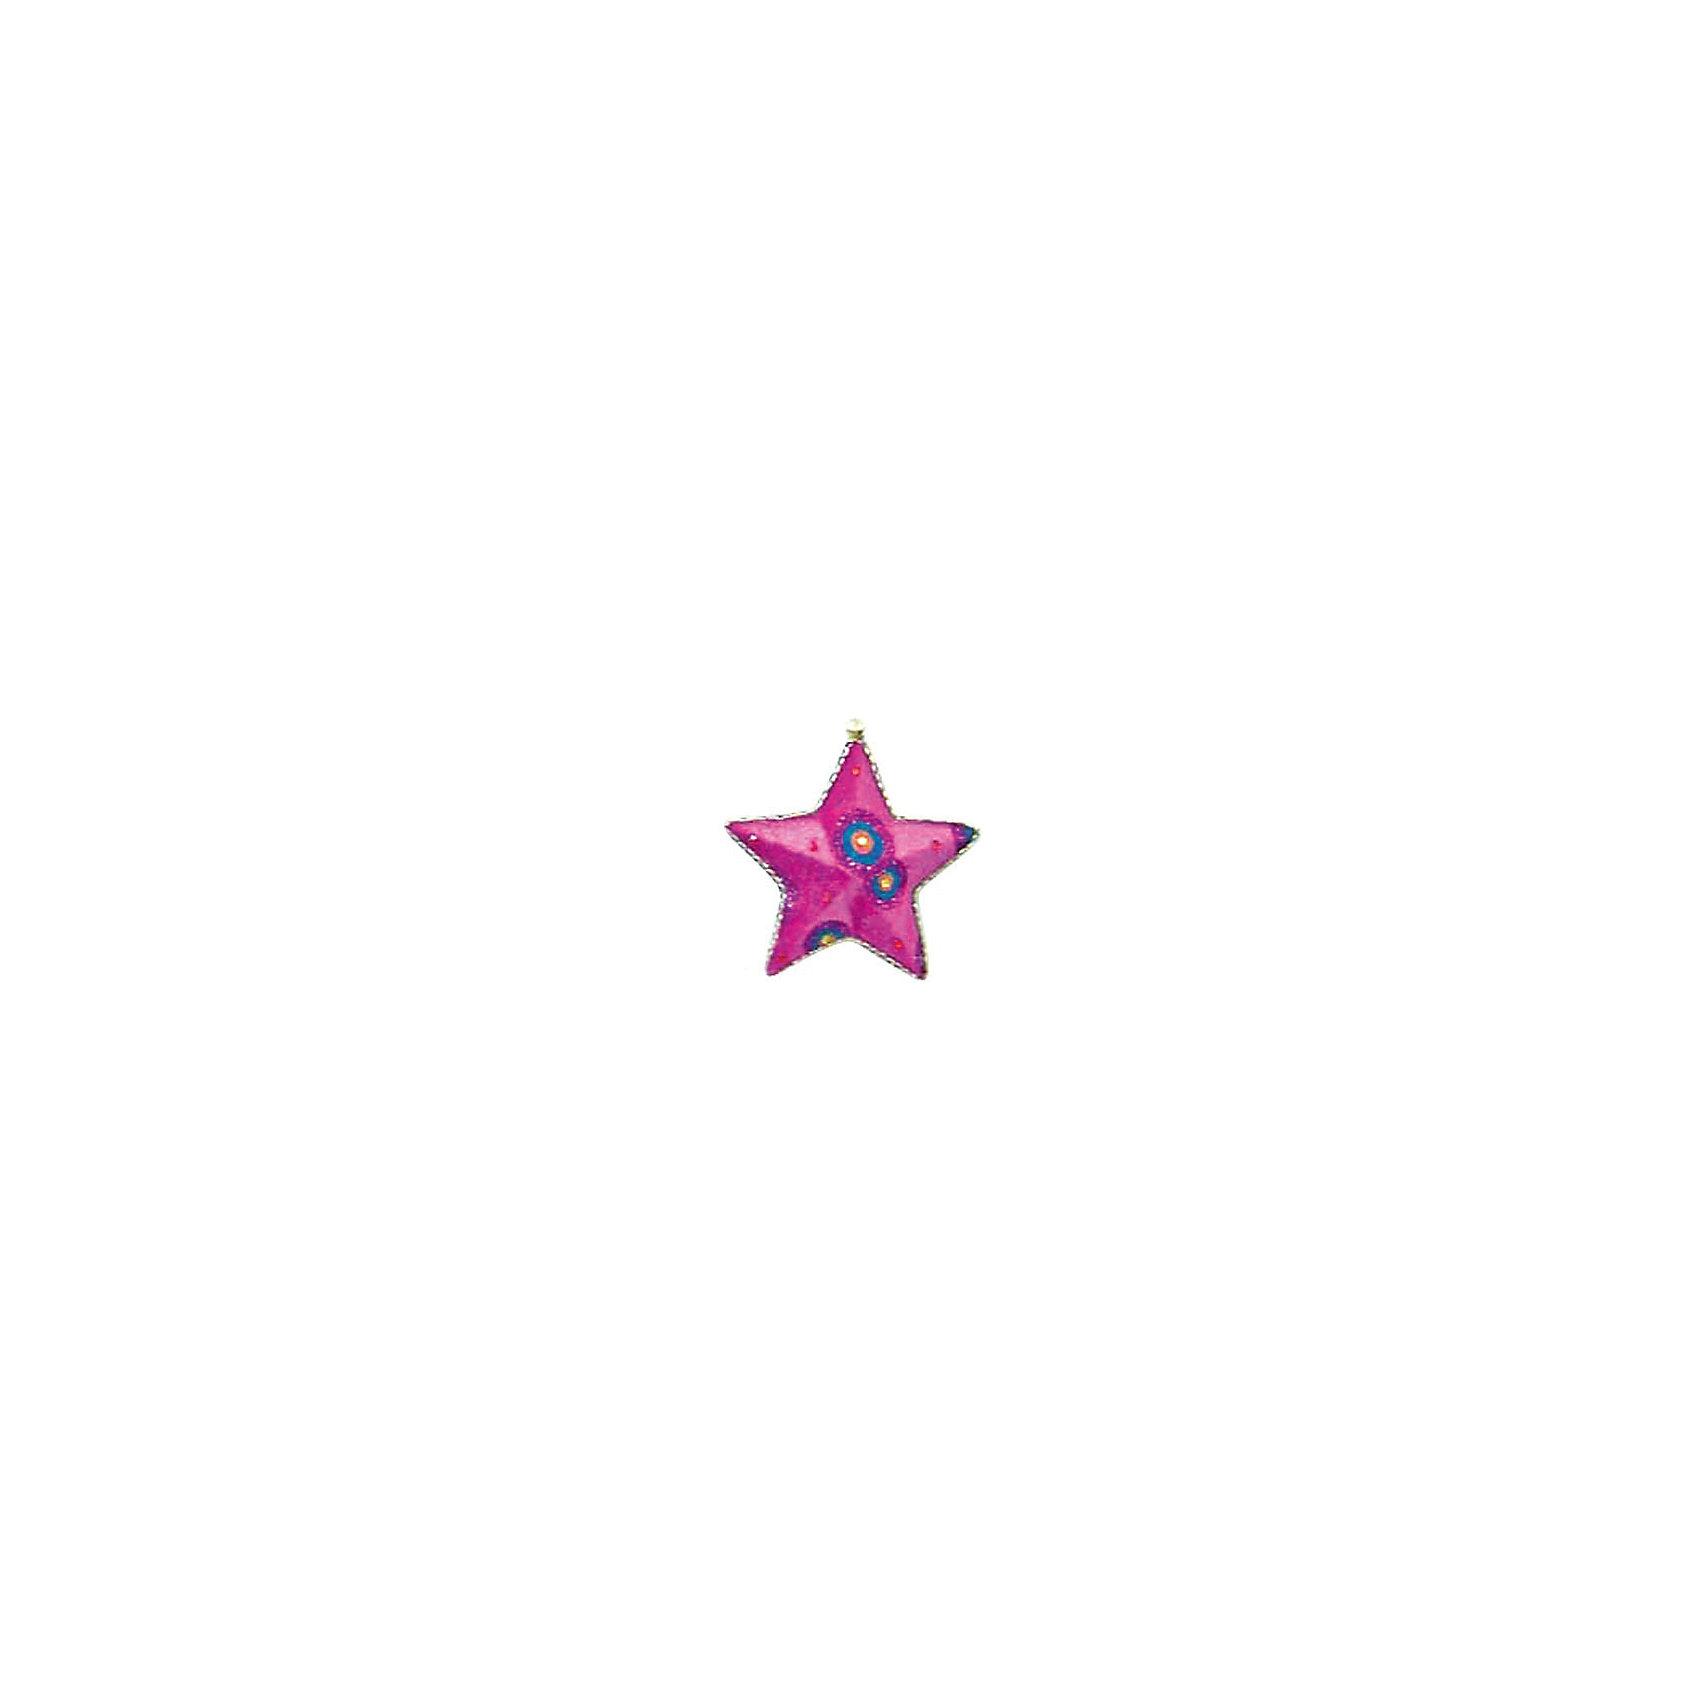 Marko Ferenzo Украшение Детская: звезда флок, 13 см елочное украшение носок marko ferenzo